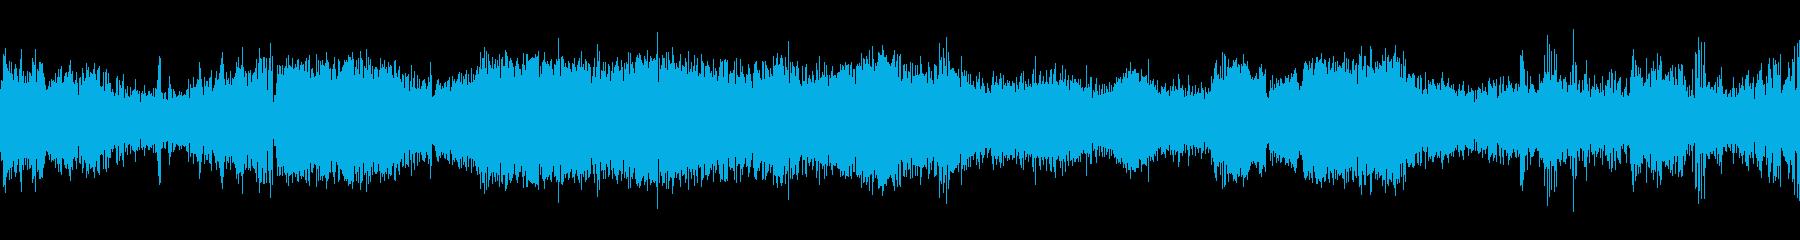 車のポンティアックインテリア、の再生済みの波形